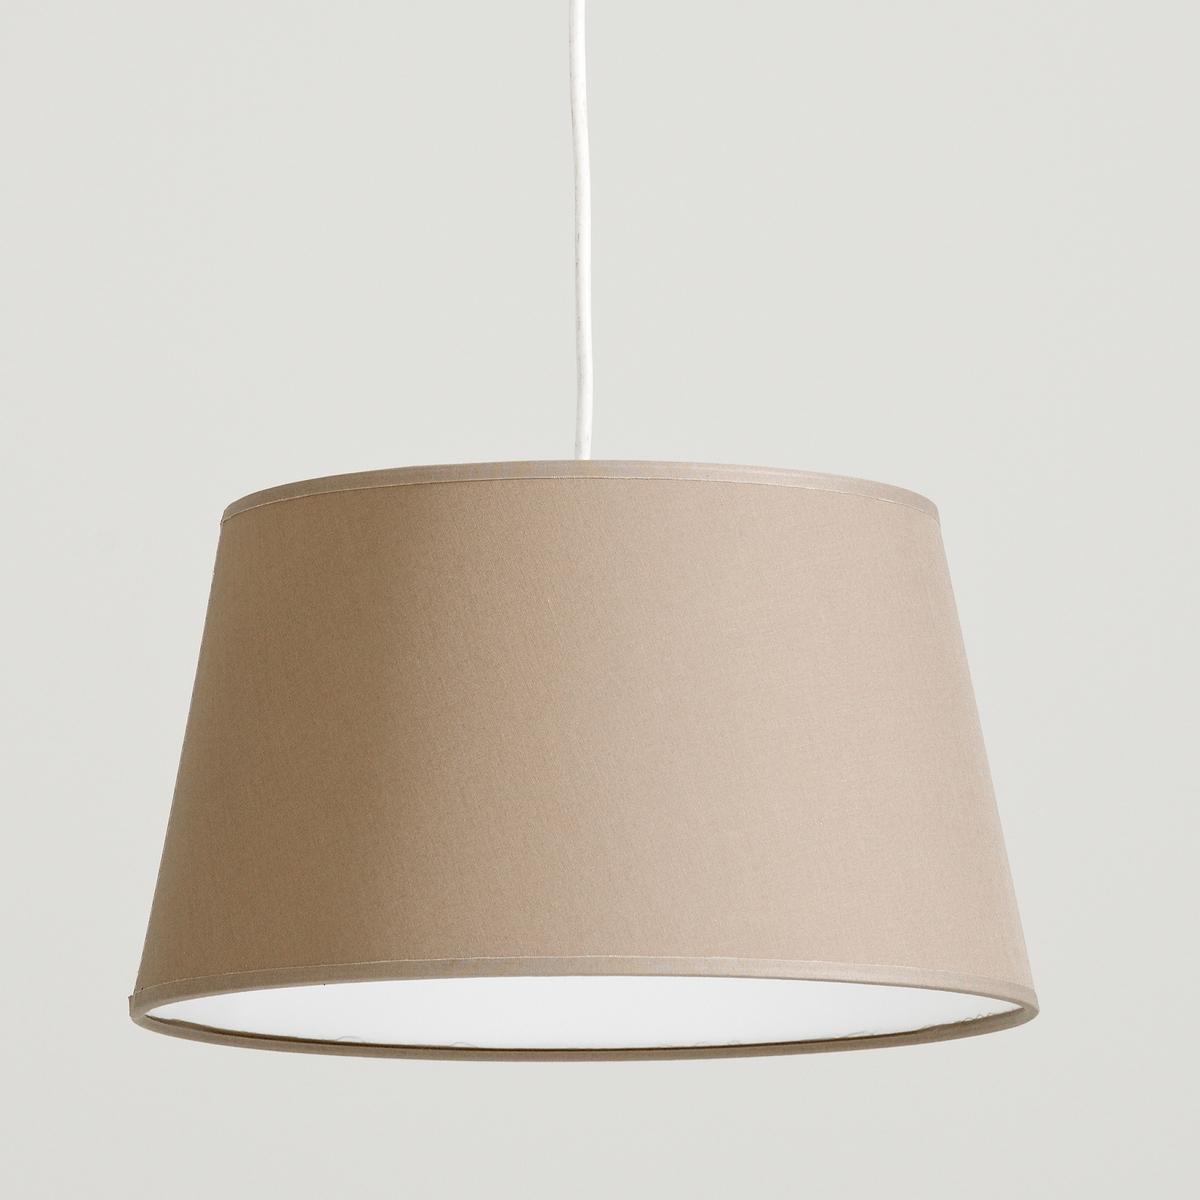 Светильник 100% хлопок, FalkeОписание светильника Falke   :Электрифицированный  Шнур питания входит в комплект (длина 55 см)  Патрон E27, лампочка макс. 60W (не входит в комплект)   Этот светильник совместим с лампочками энергетического класса : A-B-C-D-E Характеристики светильника Falke   :100% хлопок Всю коллекцию светильников вы можете найти на сайте laredoute.ru.   Размеры светильника Falke  :Размер 2  : Диаметр низа : 45 смДиаметр верха : 35 смВысота : 26 см<br><br>Цвет: серо-коричневый